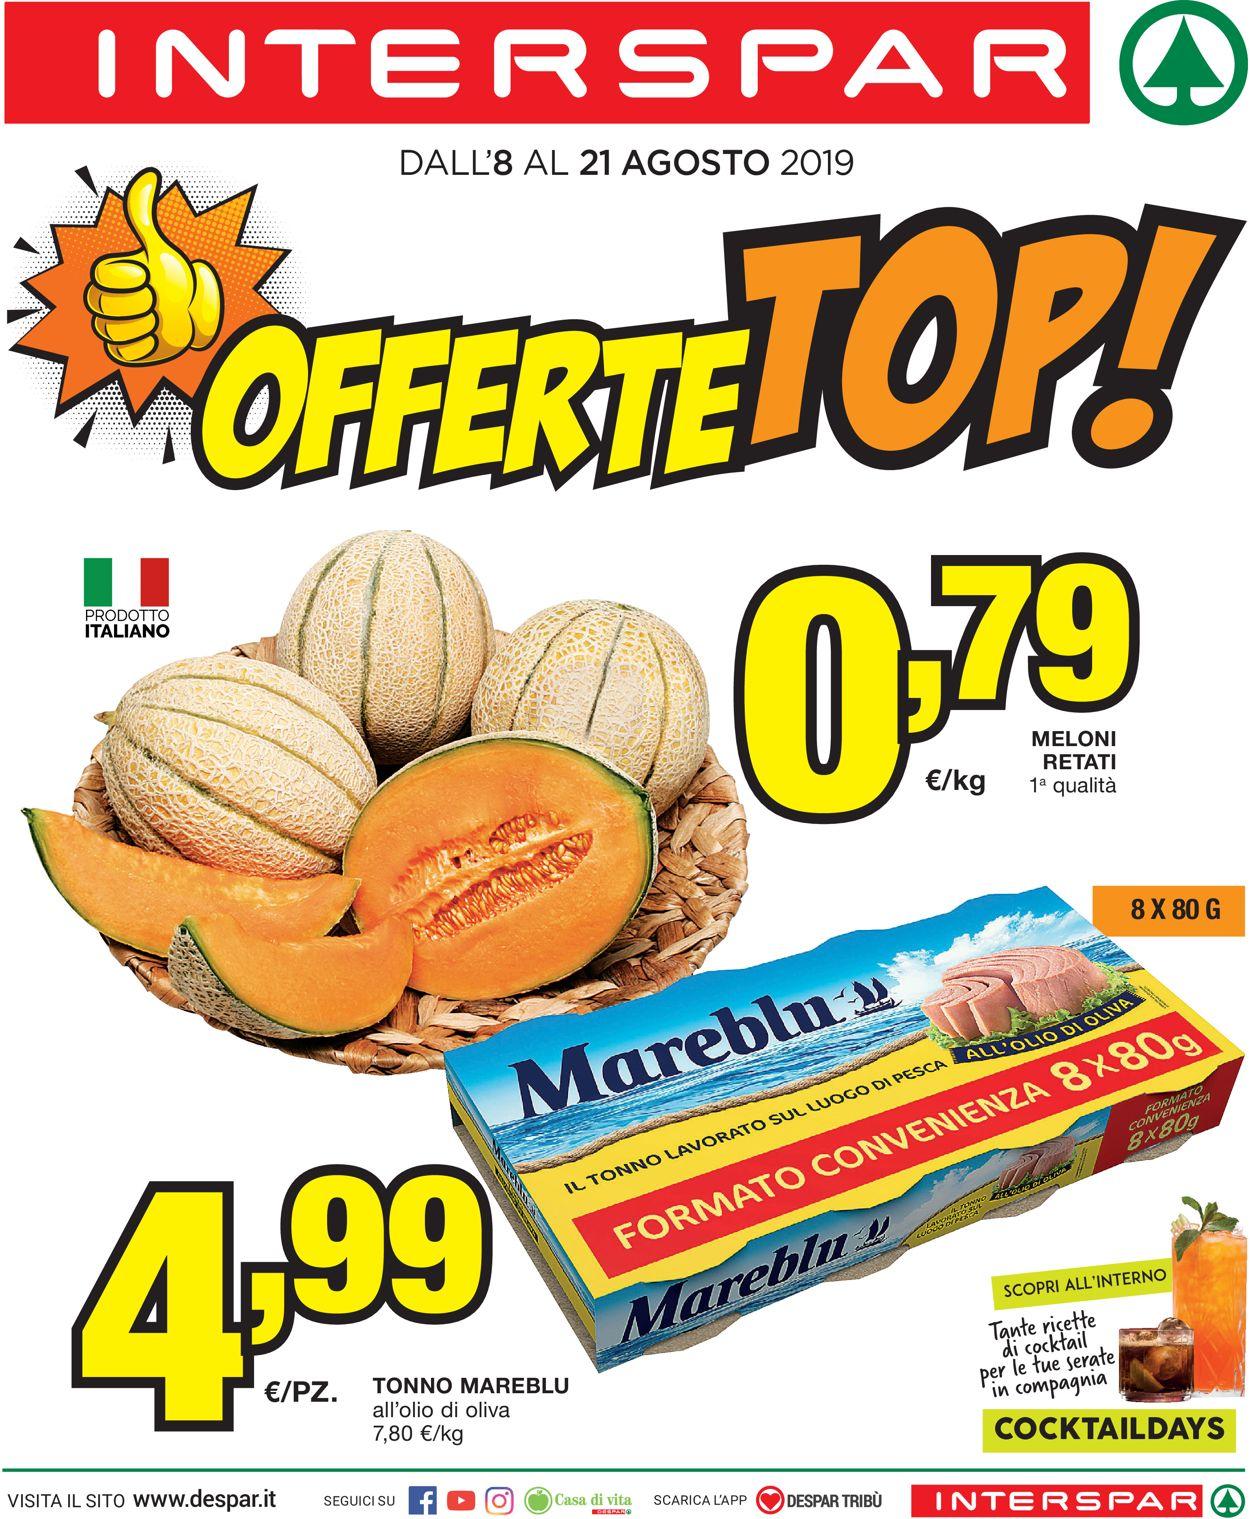 Volantino Interspar - Offerte 08/08-21/08/2019